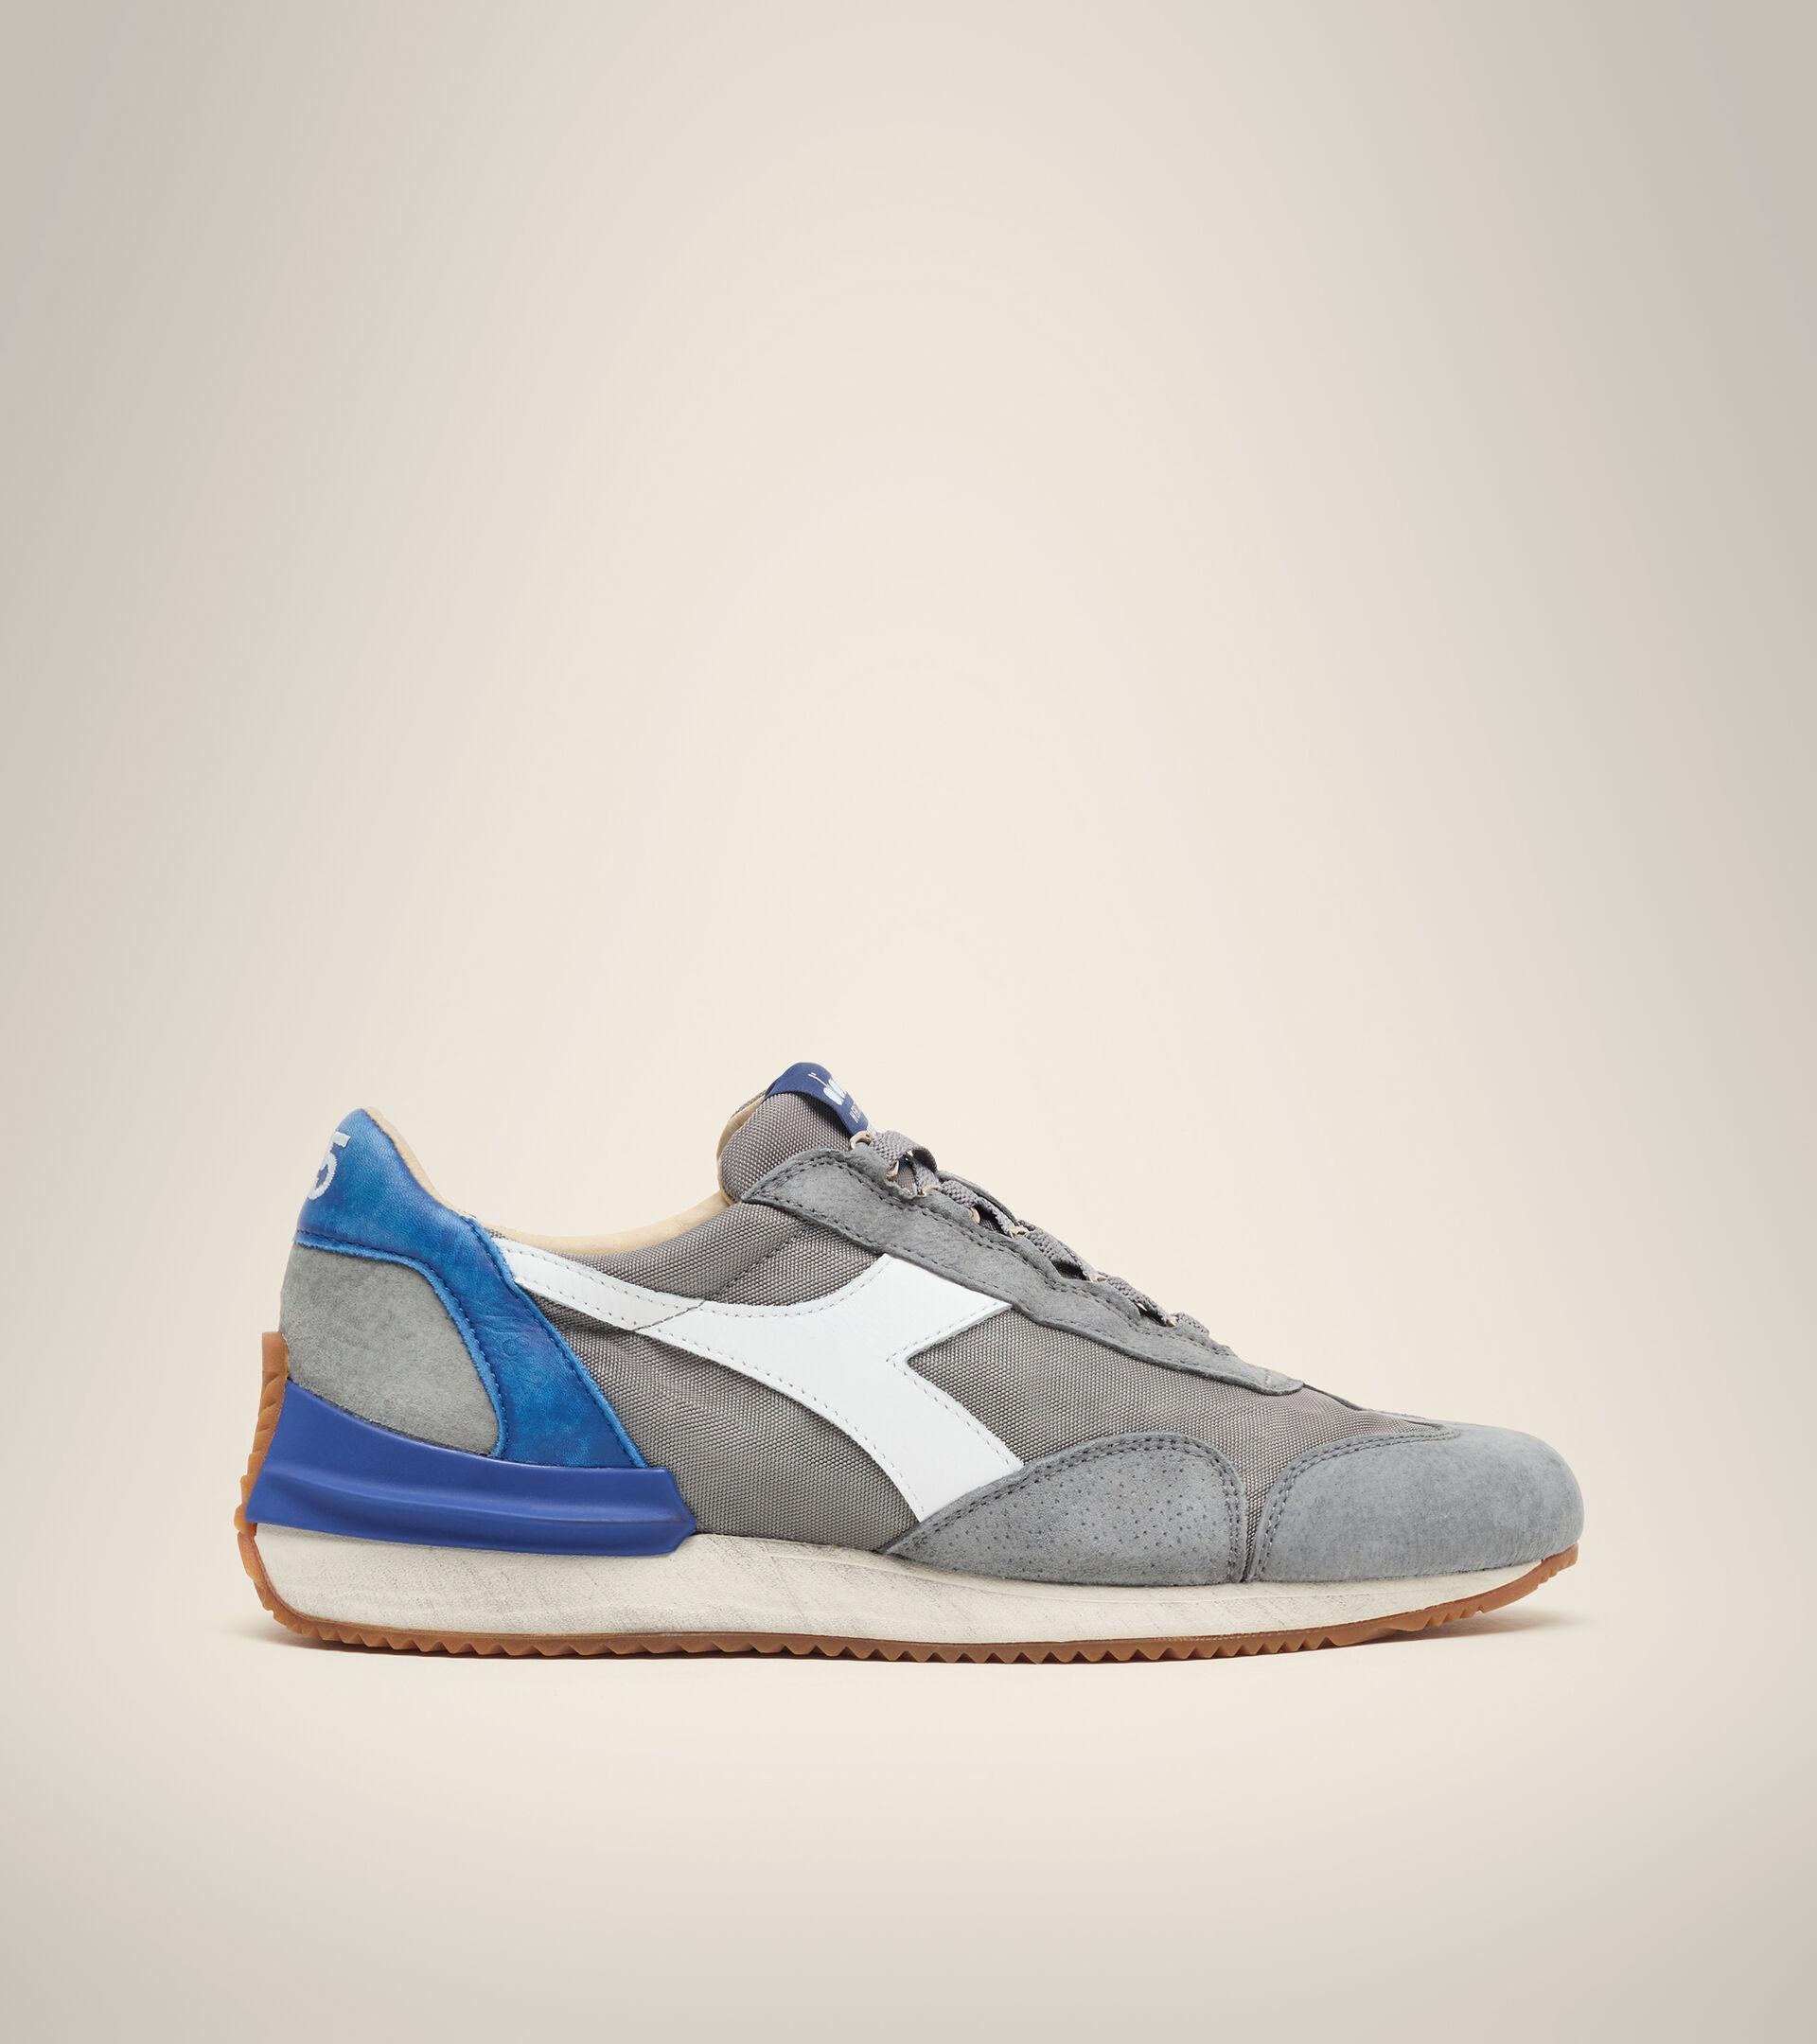 Footwear Heritage UNISEX EQUIPE MAD ITALIA NUBUCK SW NEUTRO GRIS Diadora